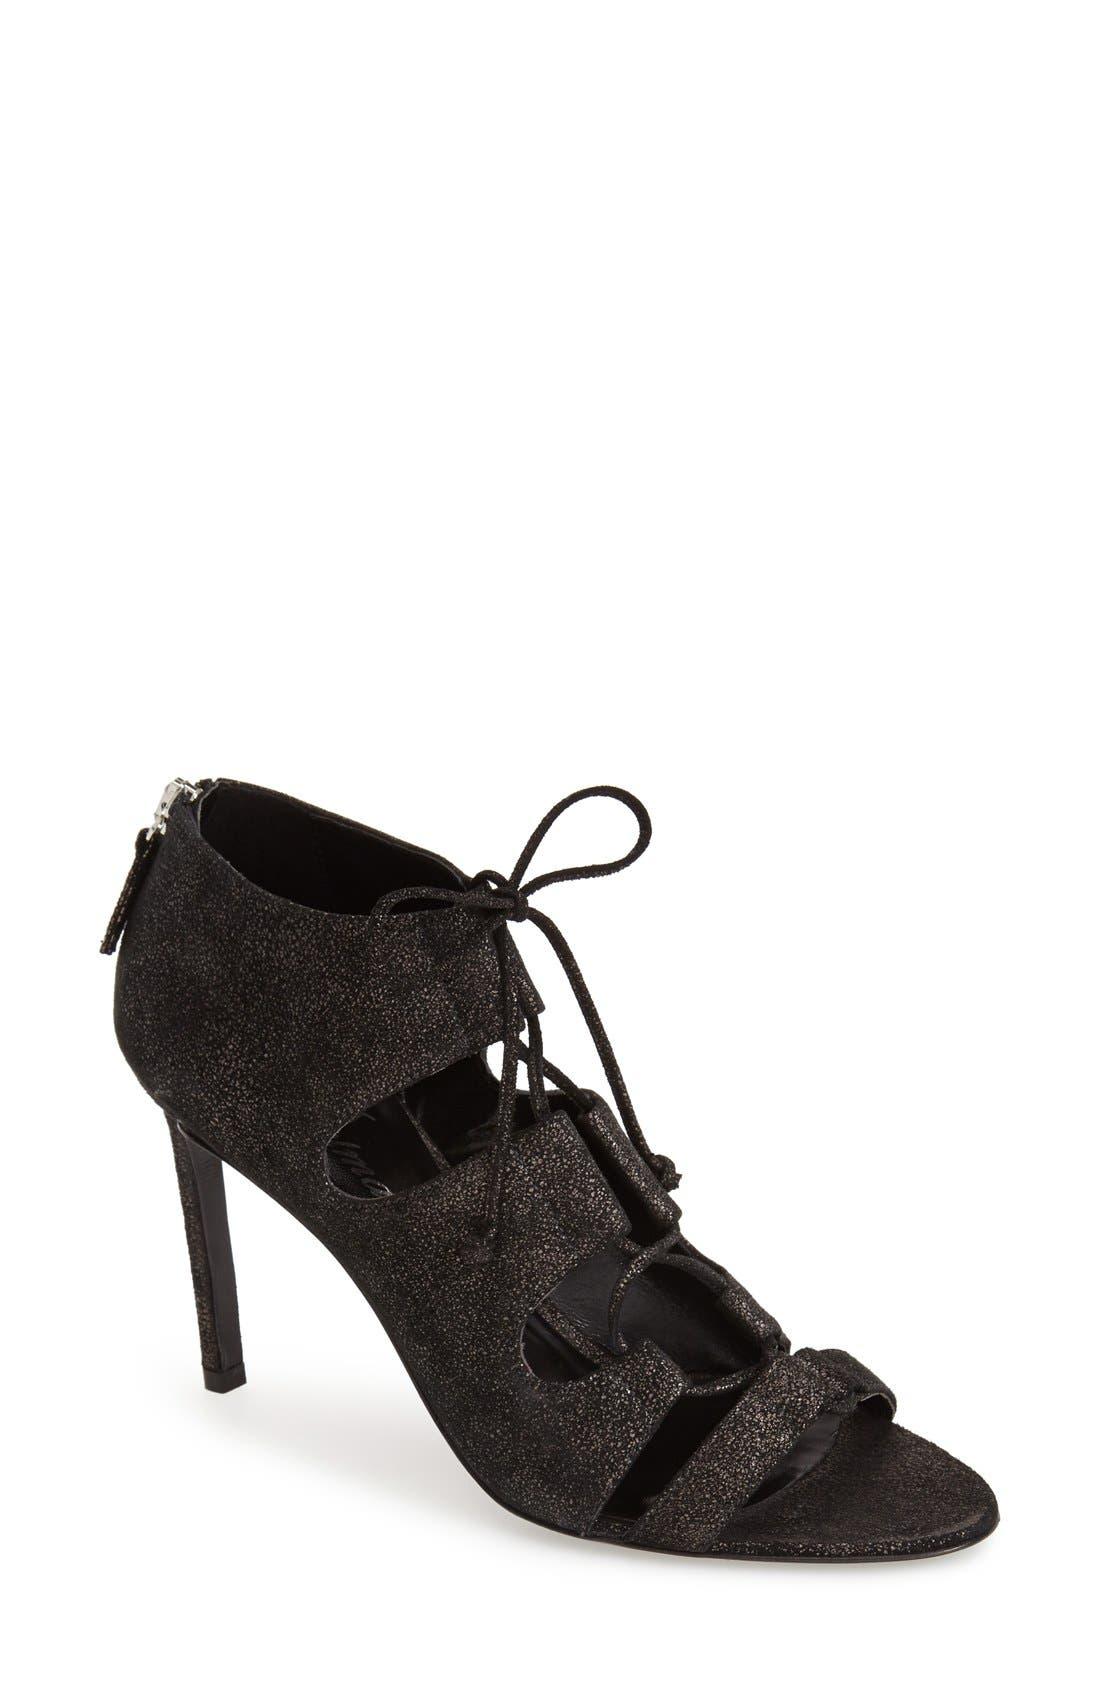 Alternate Image 1 Selected - Delman 'Jolie' Lace-Up Sandal (Women)